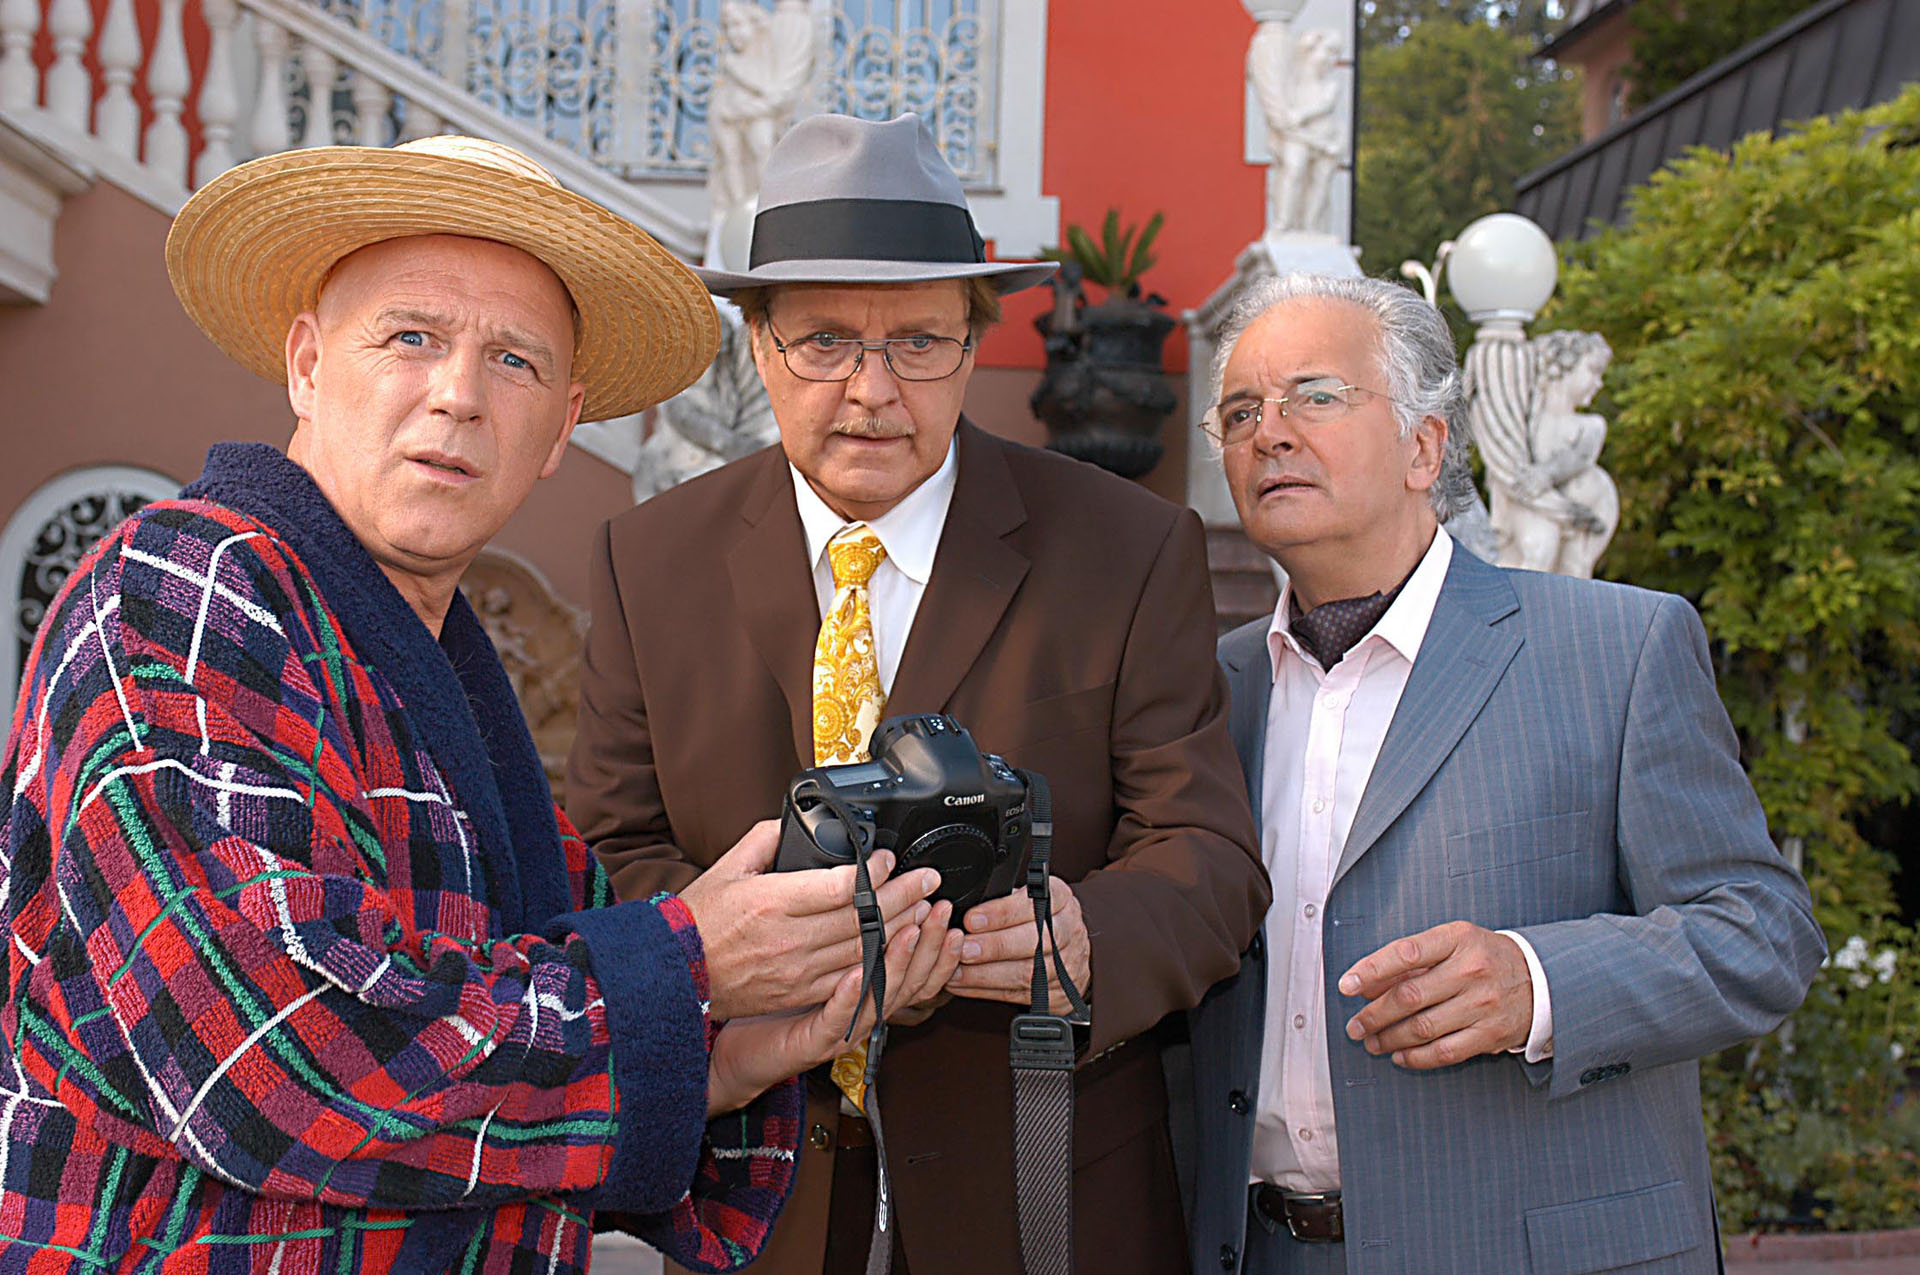 © ORF / Hubert Mican (Star*Film) - Alexander Goebel, Peter Fricke, Konrad Bischoff